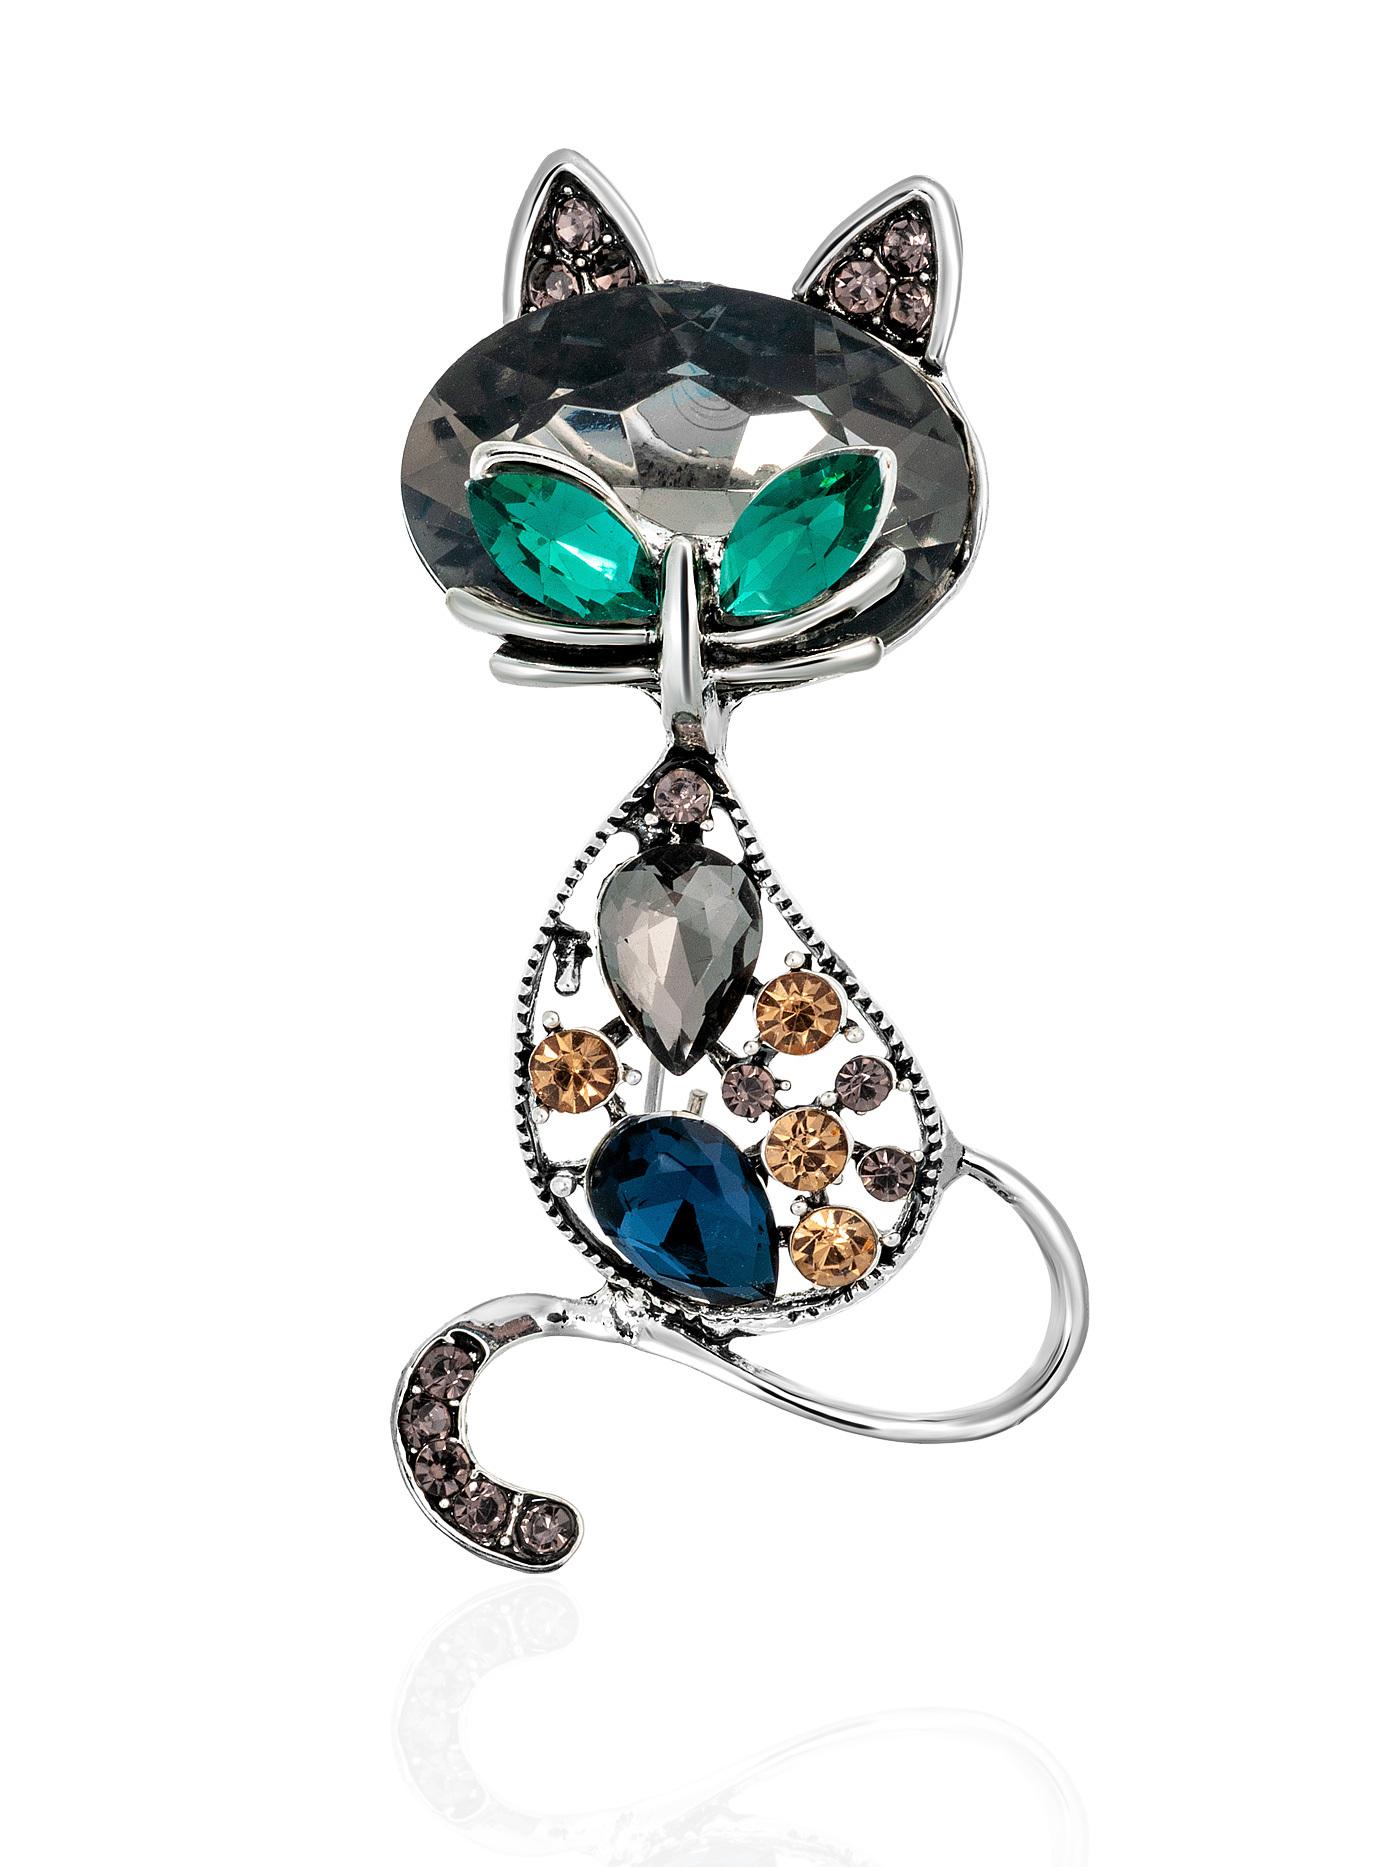 Брошь Кошка с кристаллами в подарочной коробке, подарок подруге